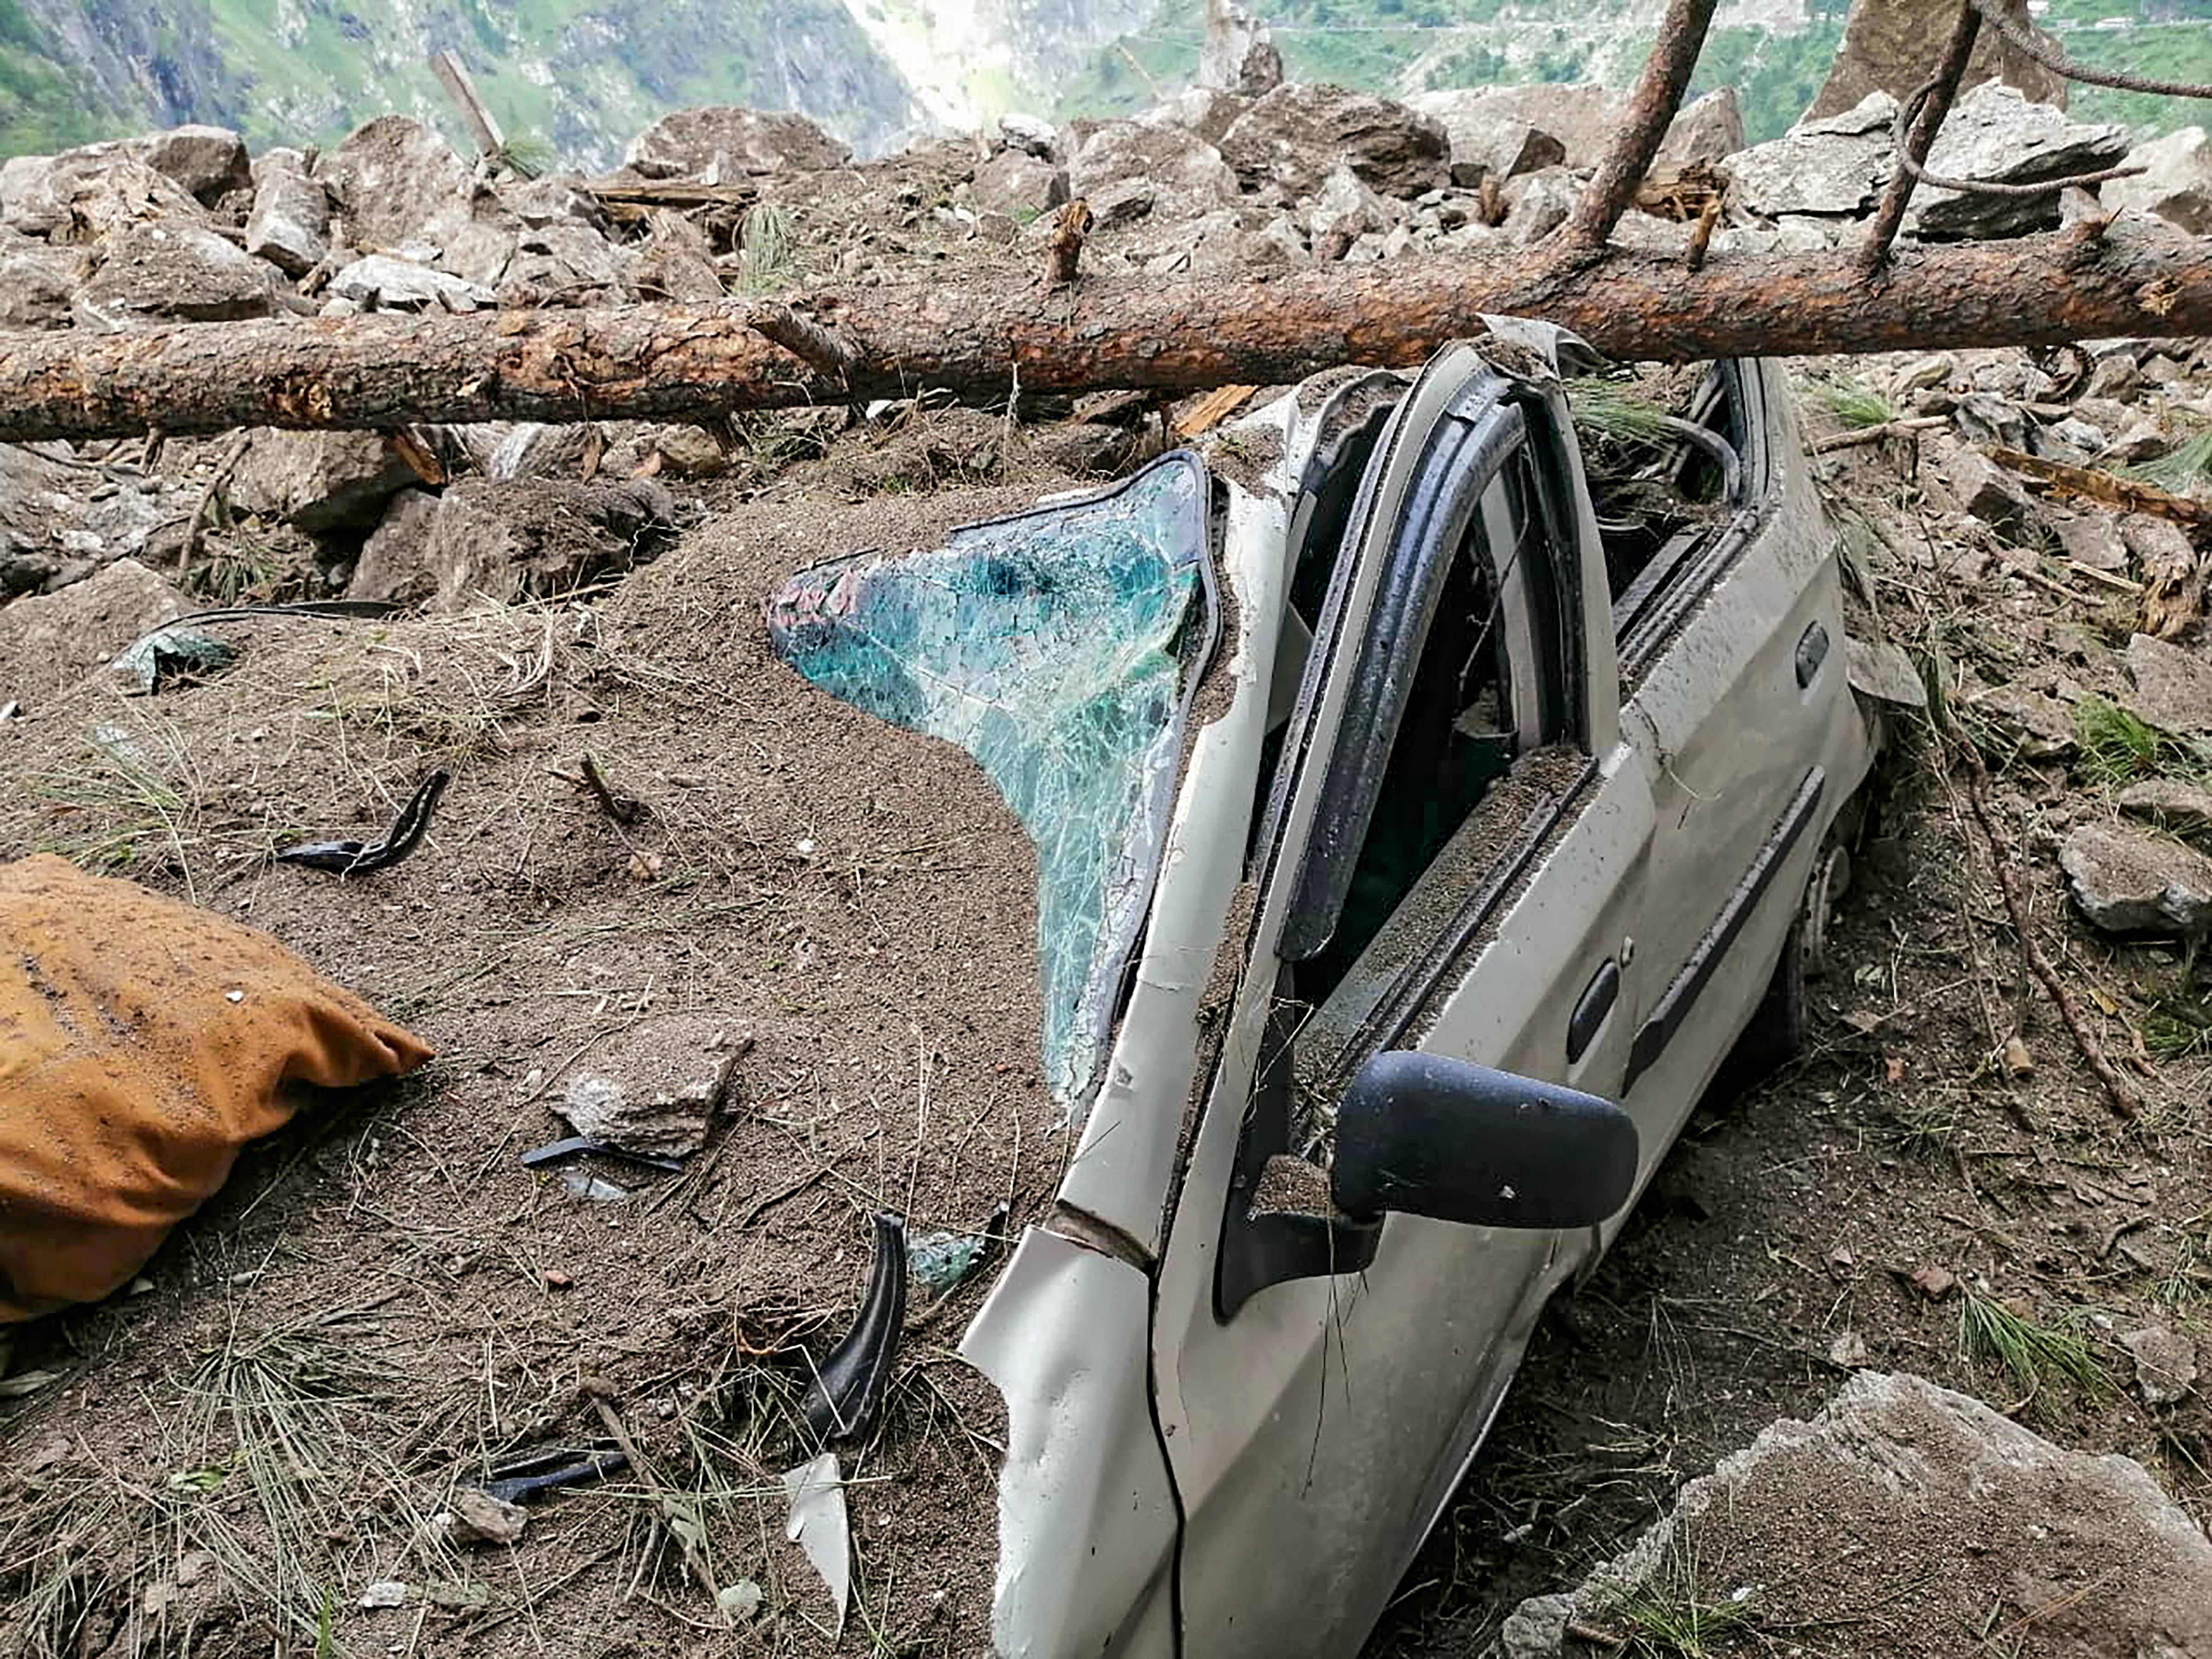 કાટમાળમાં દટાયેલી બસના ડ્રાઇવરનો ફોન ચાલુ હતો, લોકોએ ફોન કરીને બચાવવાના કર્યા પોકાર; 13નાં મોત, 40 લોકોની શોધખોળ ચાલુ|ઈન્ડિયા,National - Divya Bhaskar